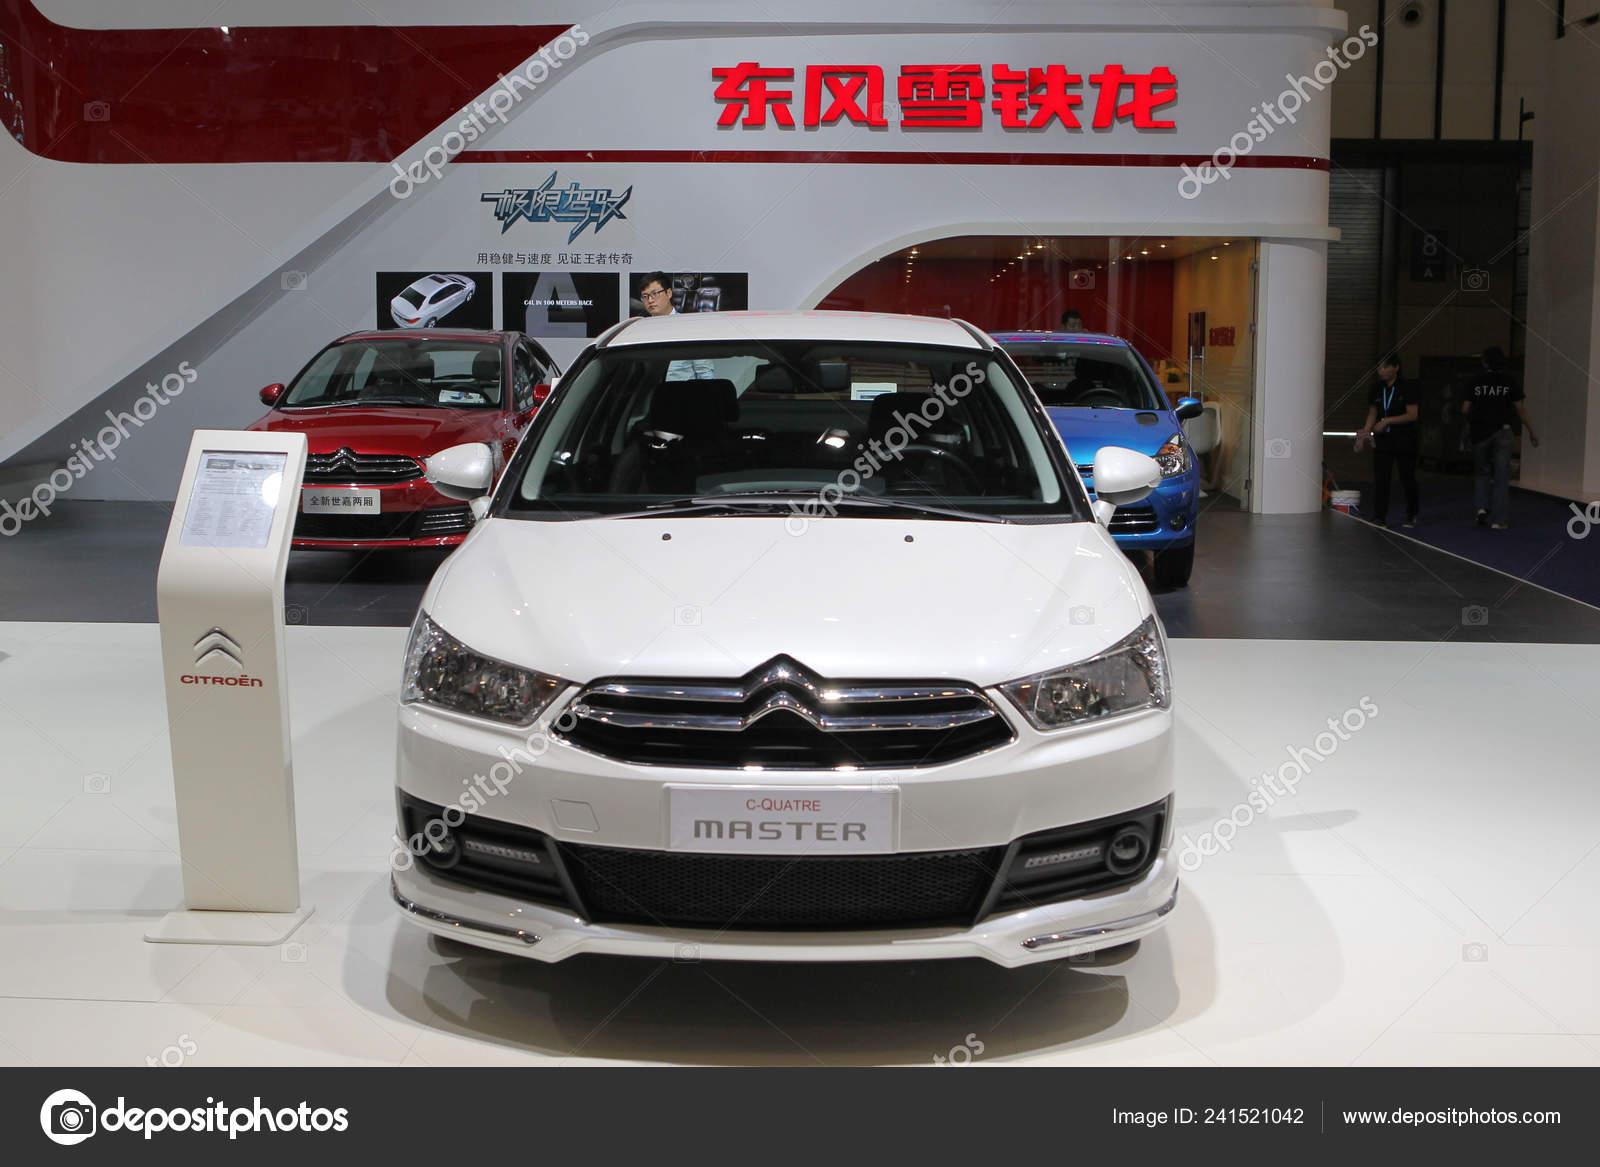 New Quatre Master Dongfeng Peugeot Citroen Displayed avec Quatres Image Un Mot